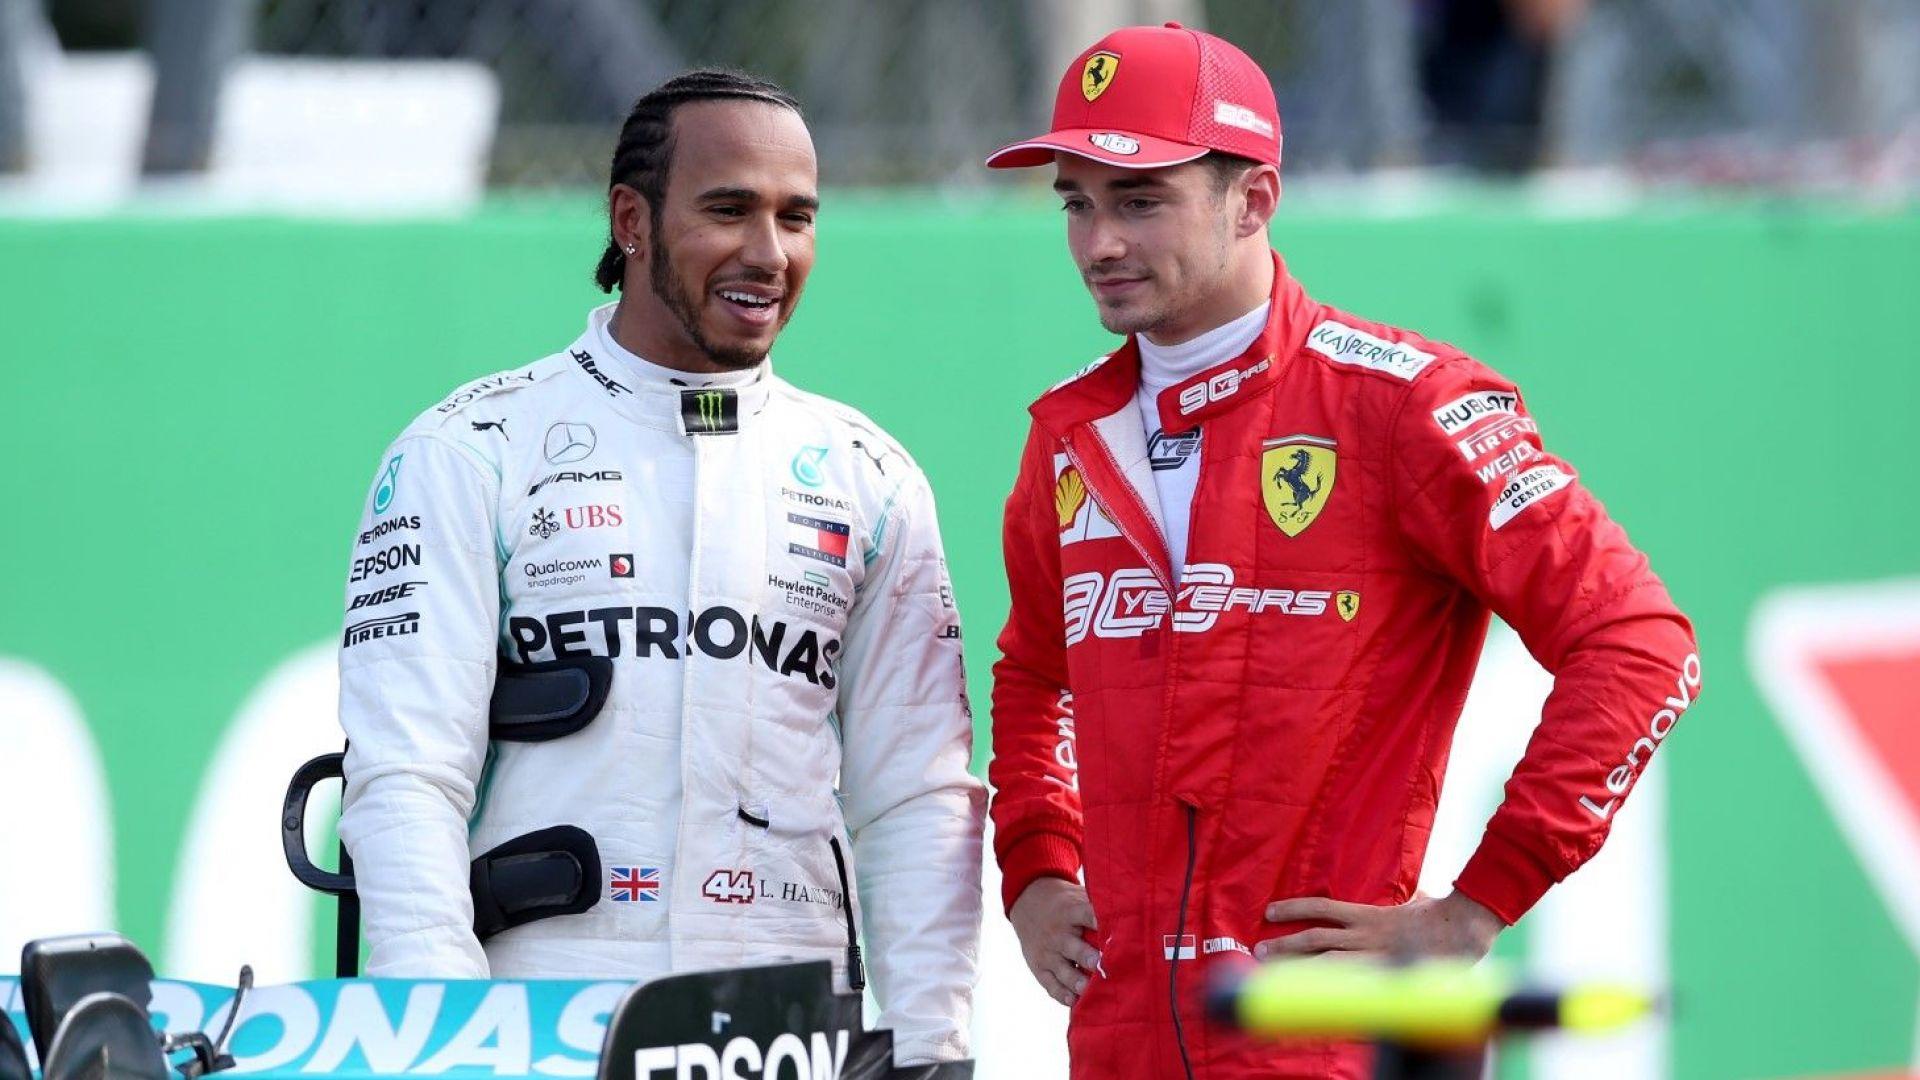 Пилотите във Формула 1 избраха най-добрия за 2019 г.